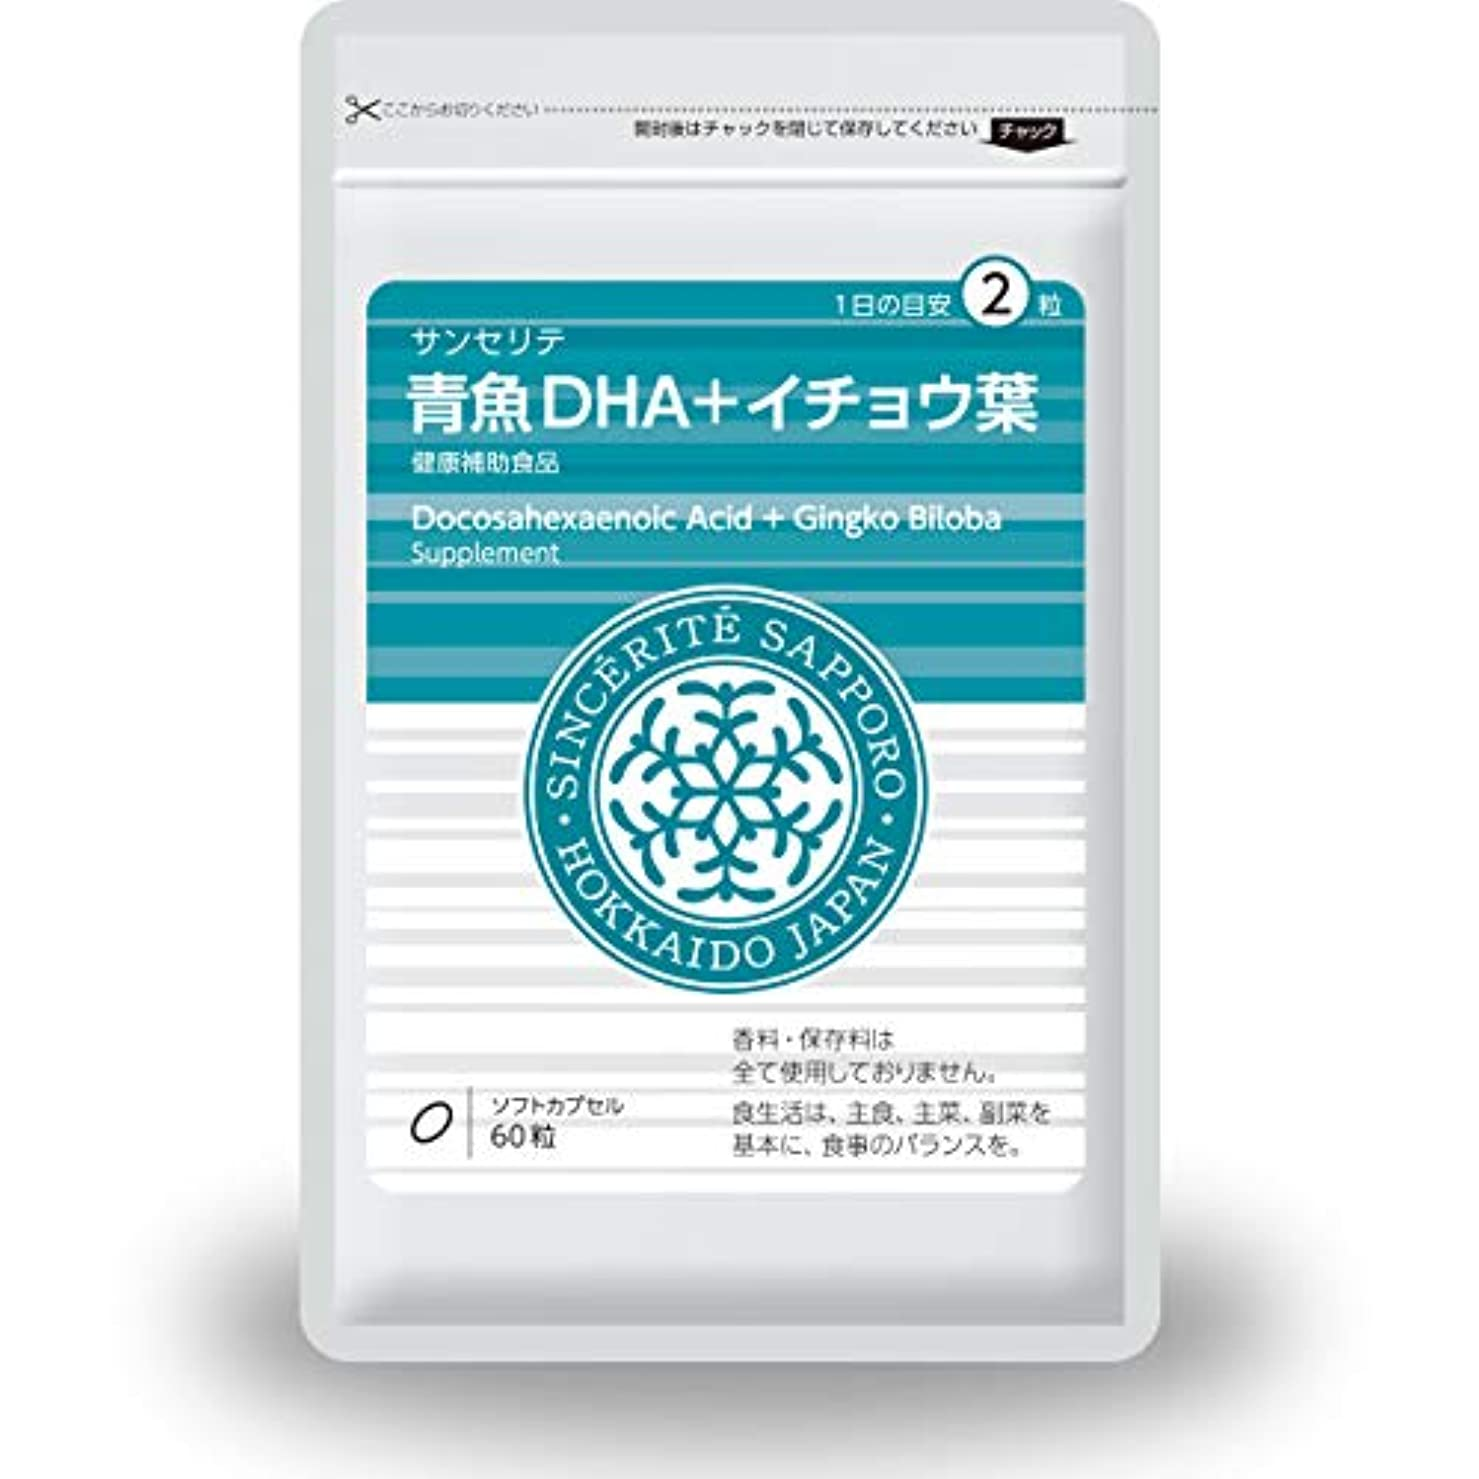 小麦粉嫉妬電気的青魚DHA+イチョウ葉 [DHA]101mg配合[国内製造]しっかり30日分